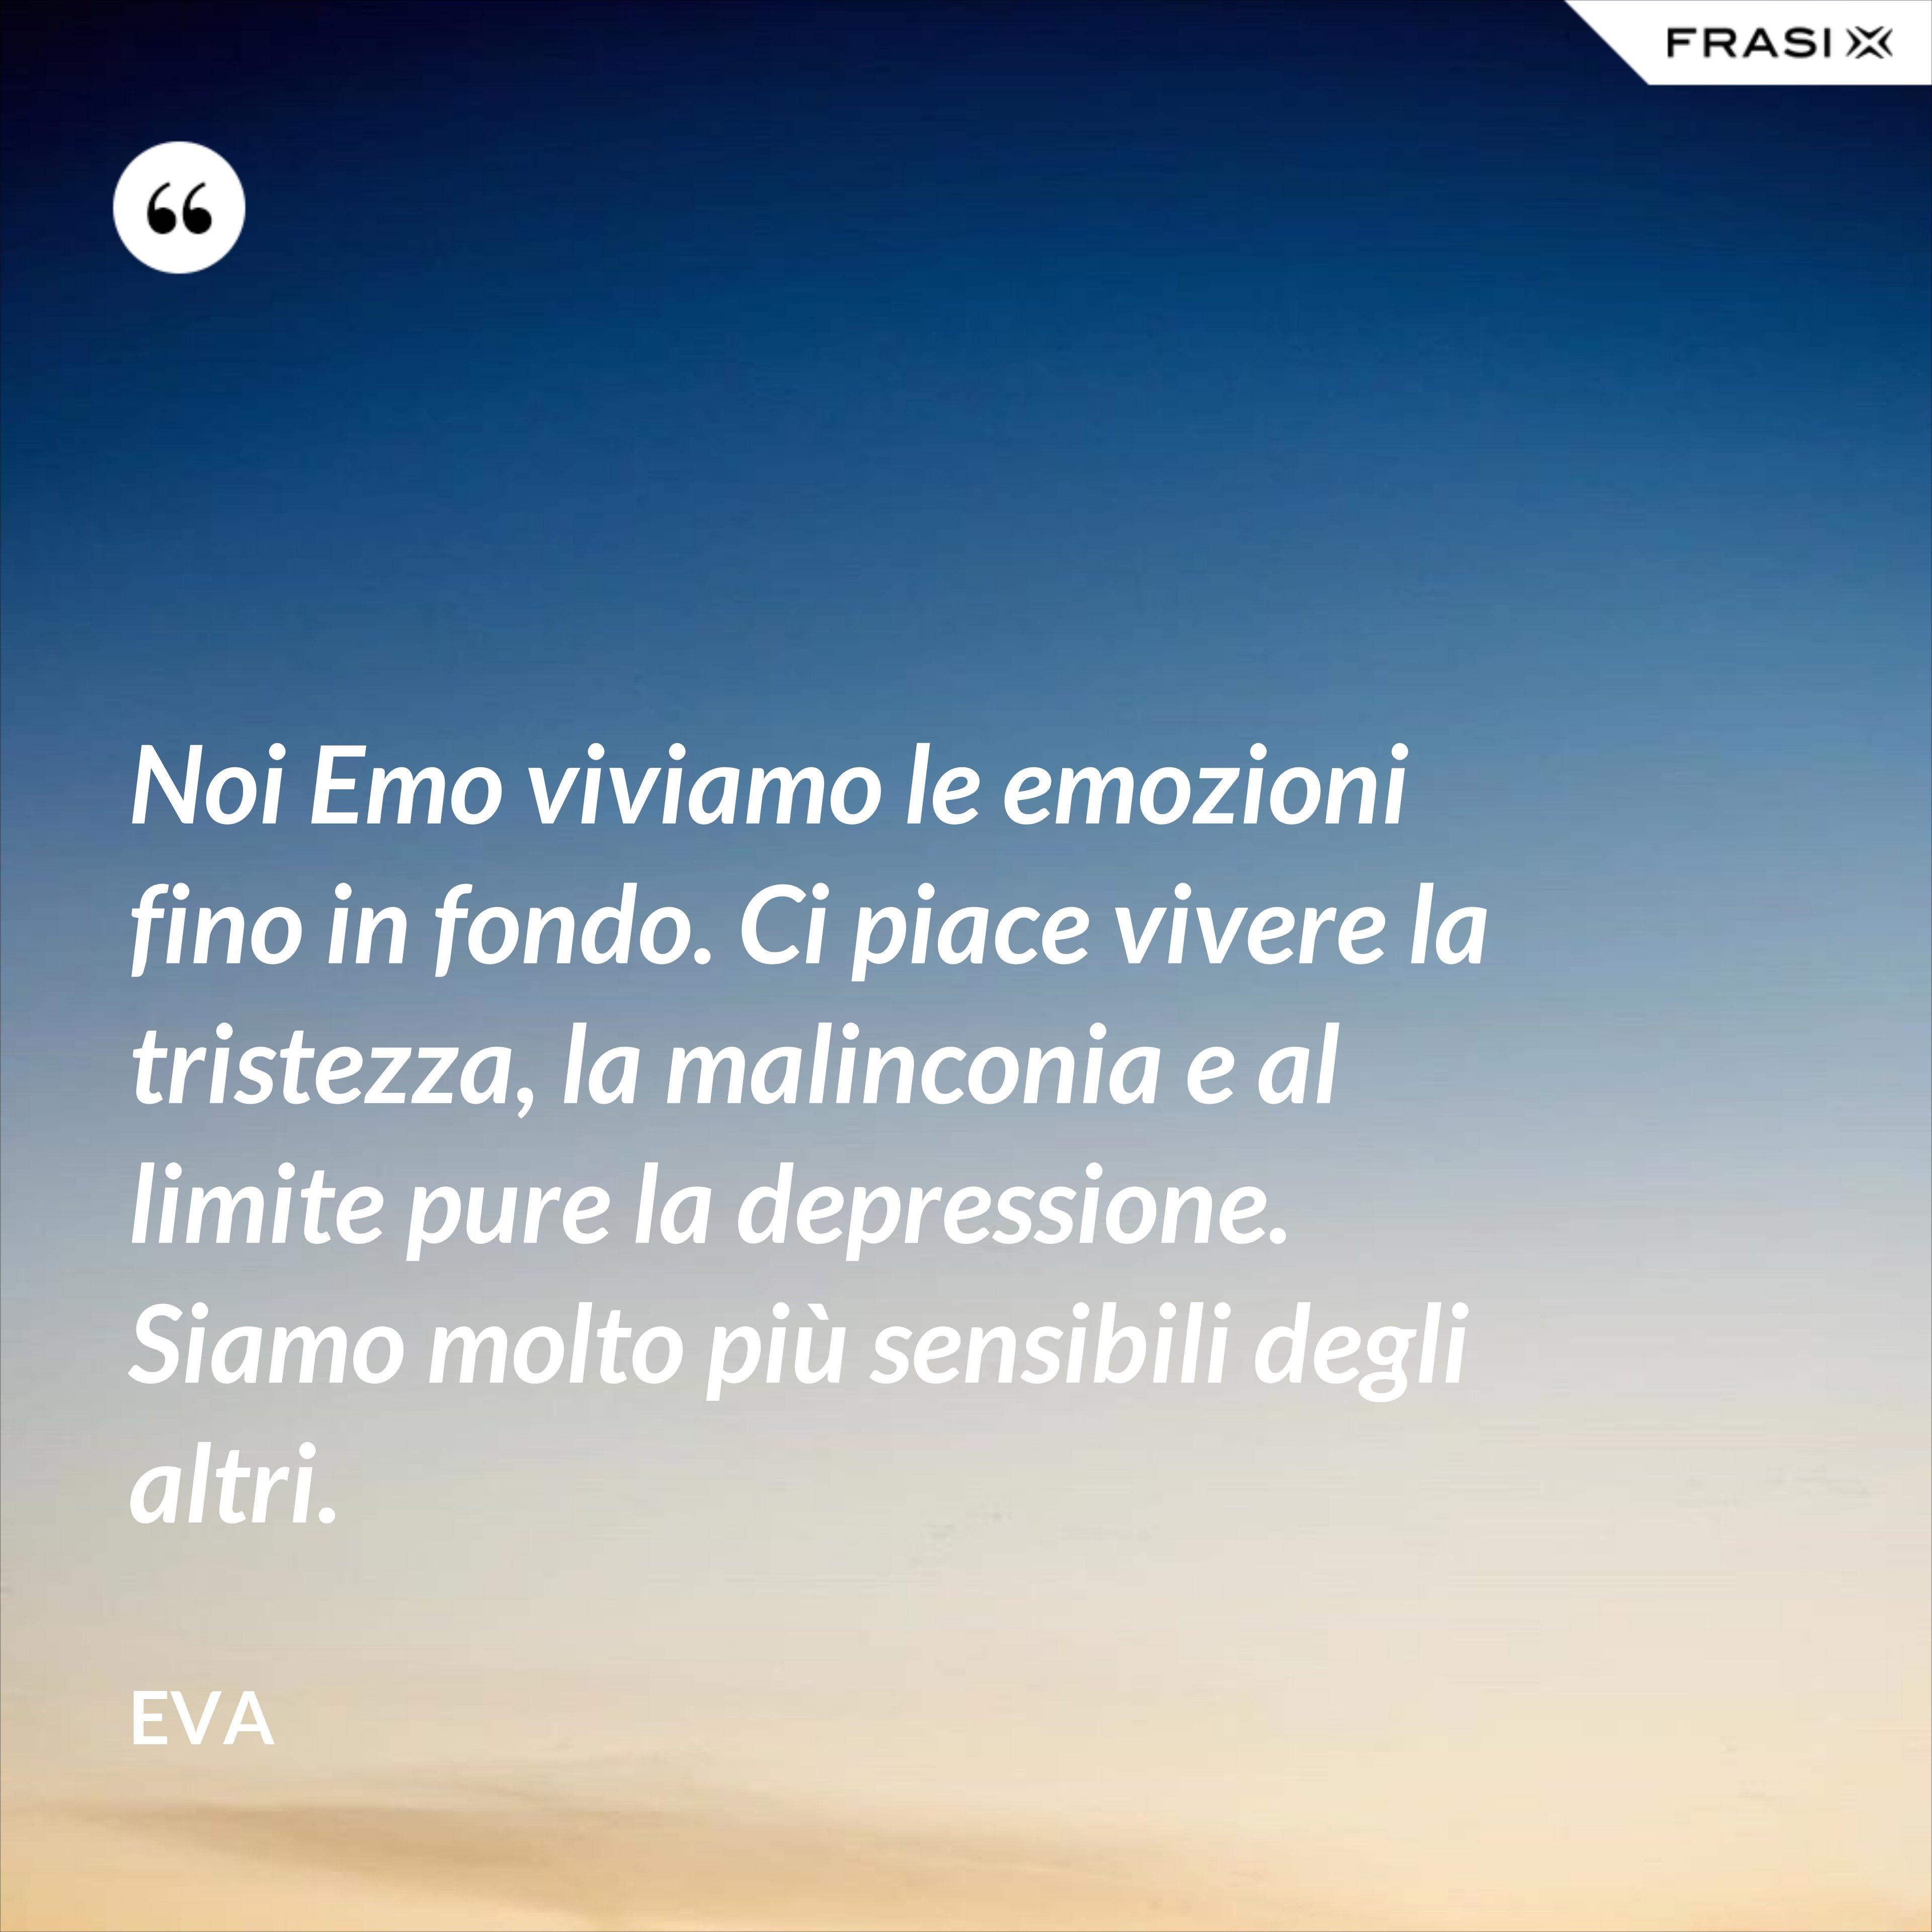 Noi Emo viviamo le emozioni fino in fondo. Ci piace vivere la tristezza, la malinconia e al limite pure la depressione. Siamo molto più sensibili degli altri. - Eva